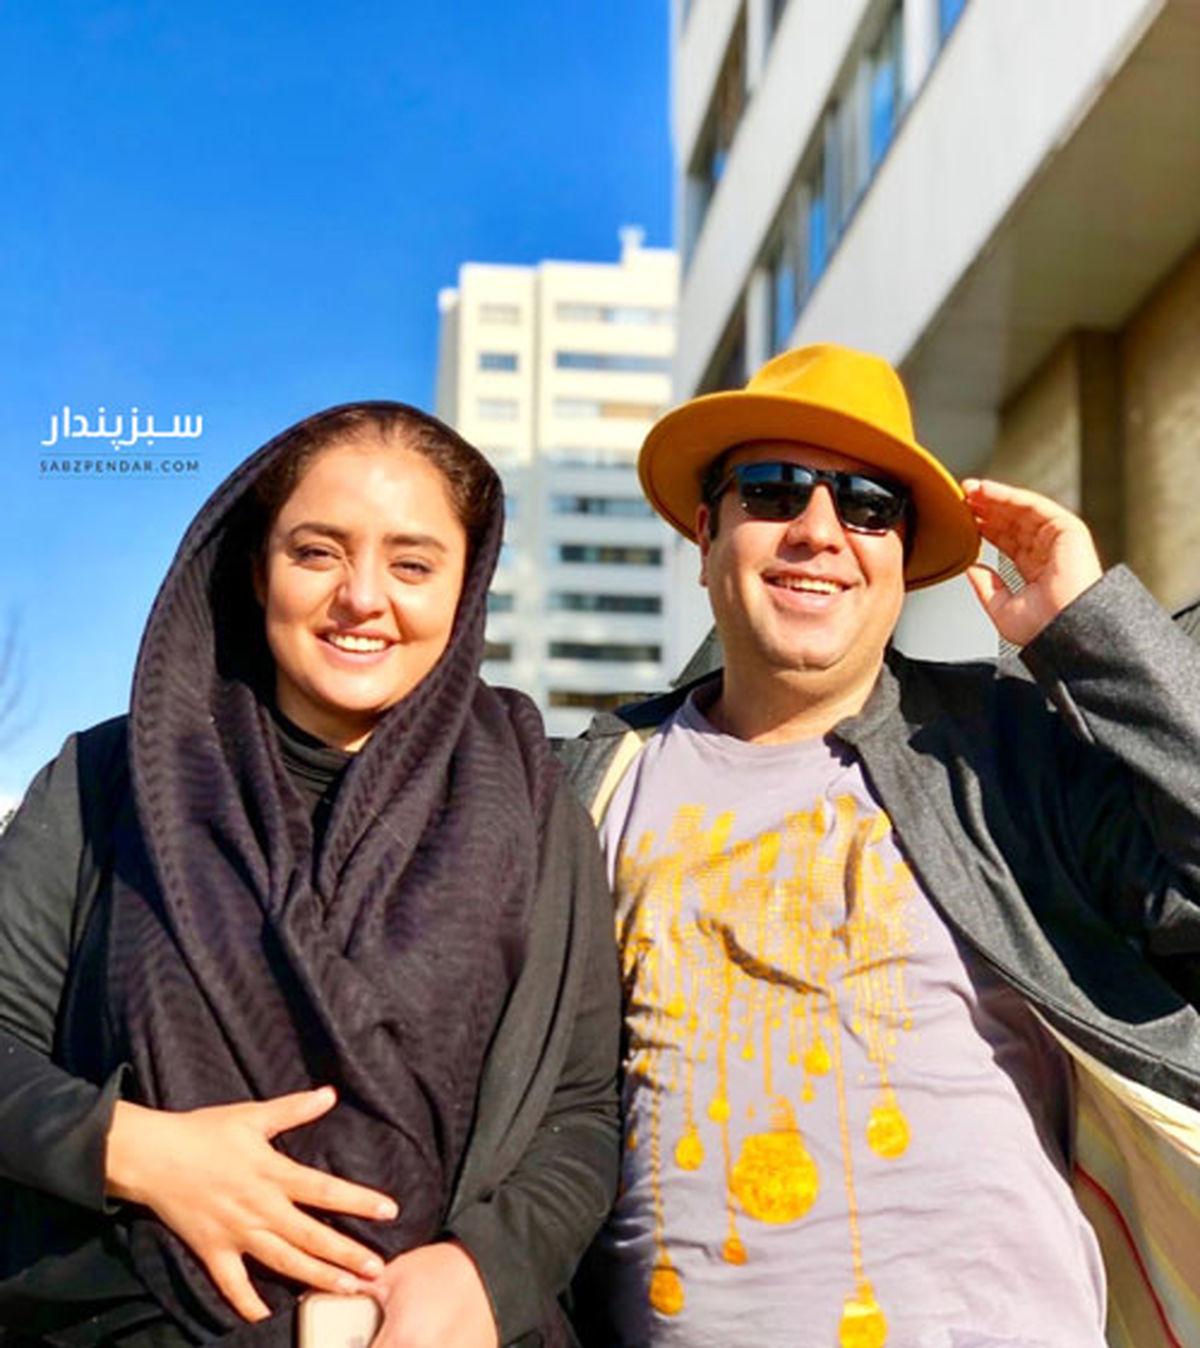 تصاویر لورفته از علی اوجی و نرگس محمدی در جزیره هرمز +تصاویر خانوادگی علی اوجی